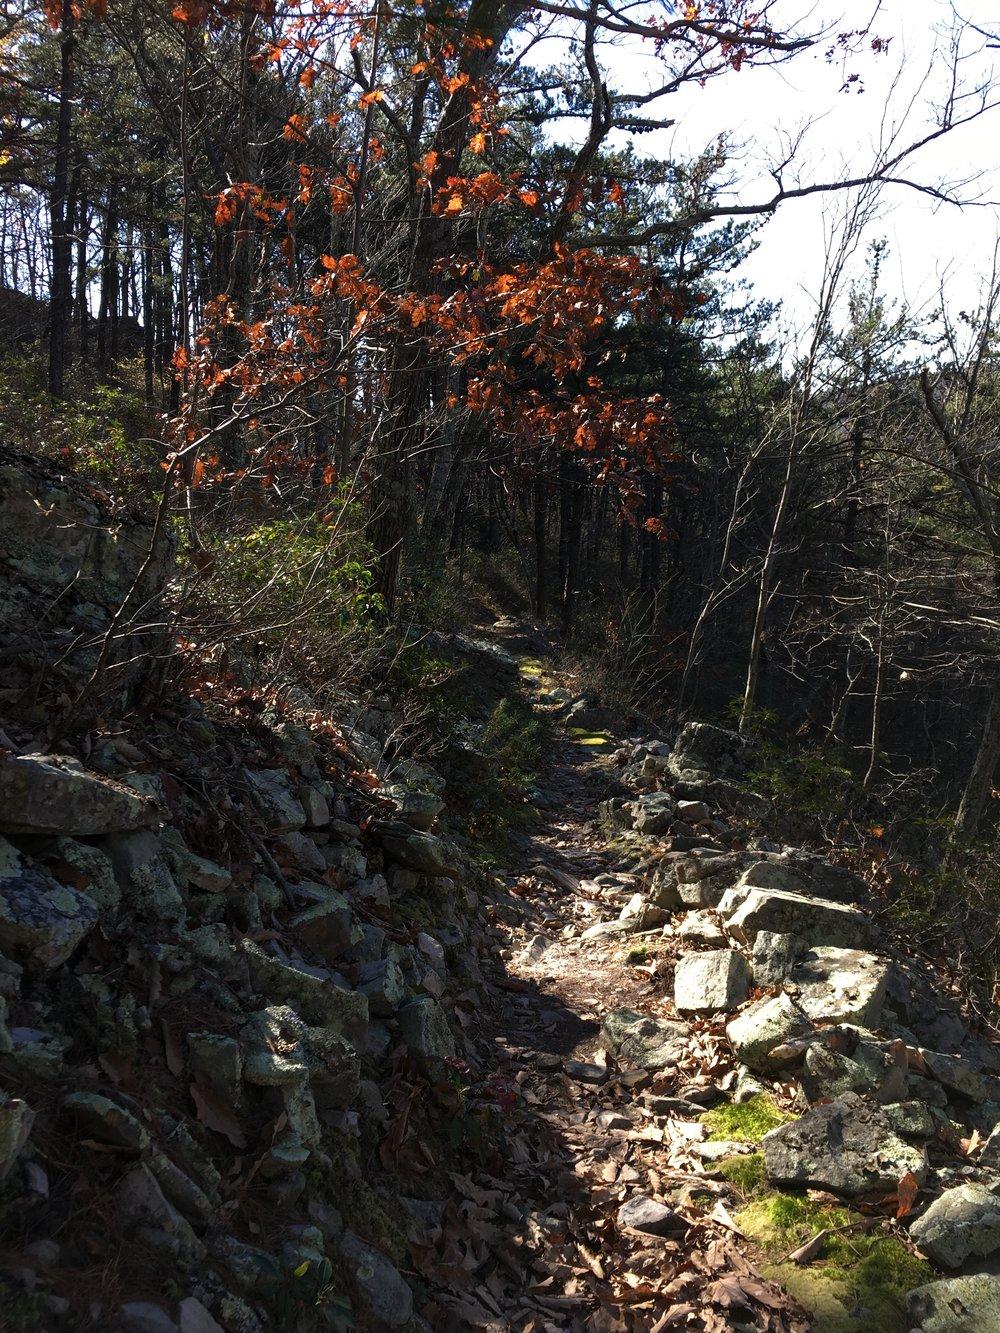 Chic-Stripes-Travel-Hone-Quarry-Virginia-4